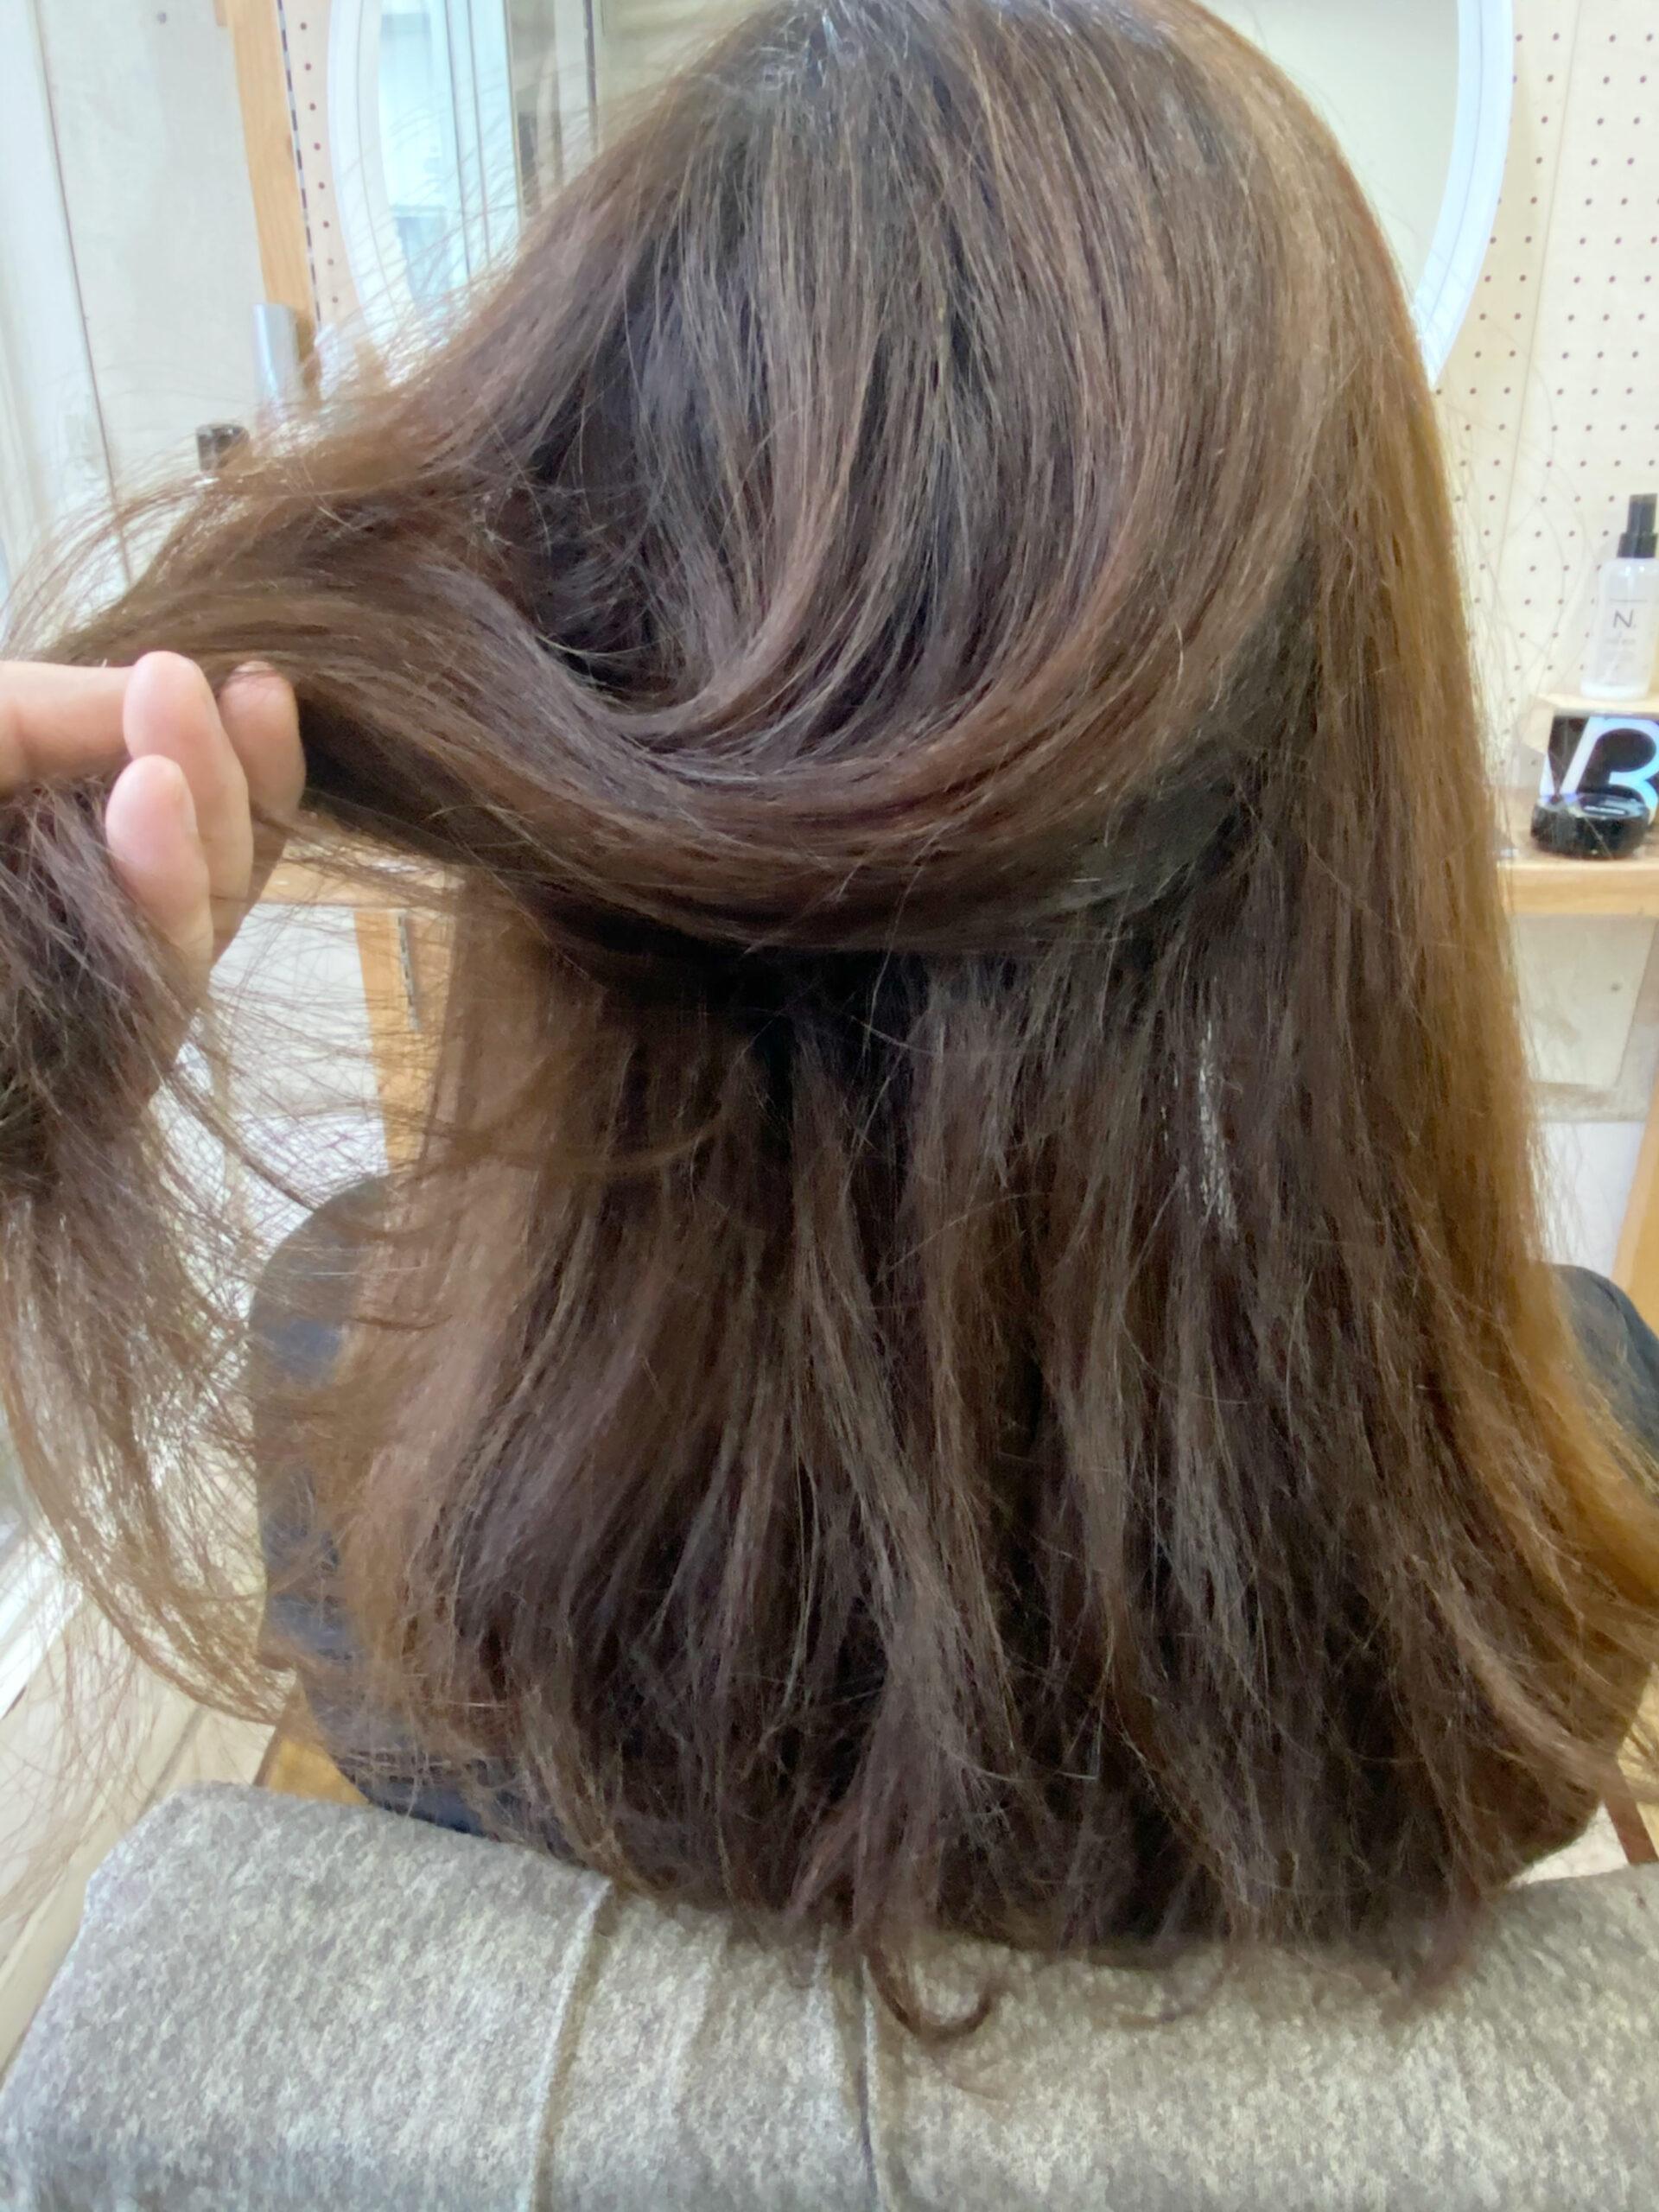 ジュエリーシステム×LULUトリートメント×縮毛矯正でパサつきとうねりが気になる方を艶髪ストレートヘア。